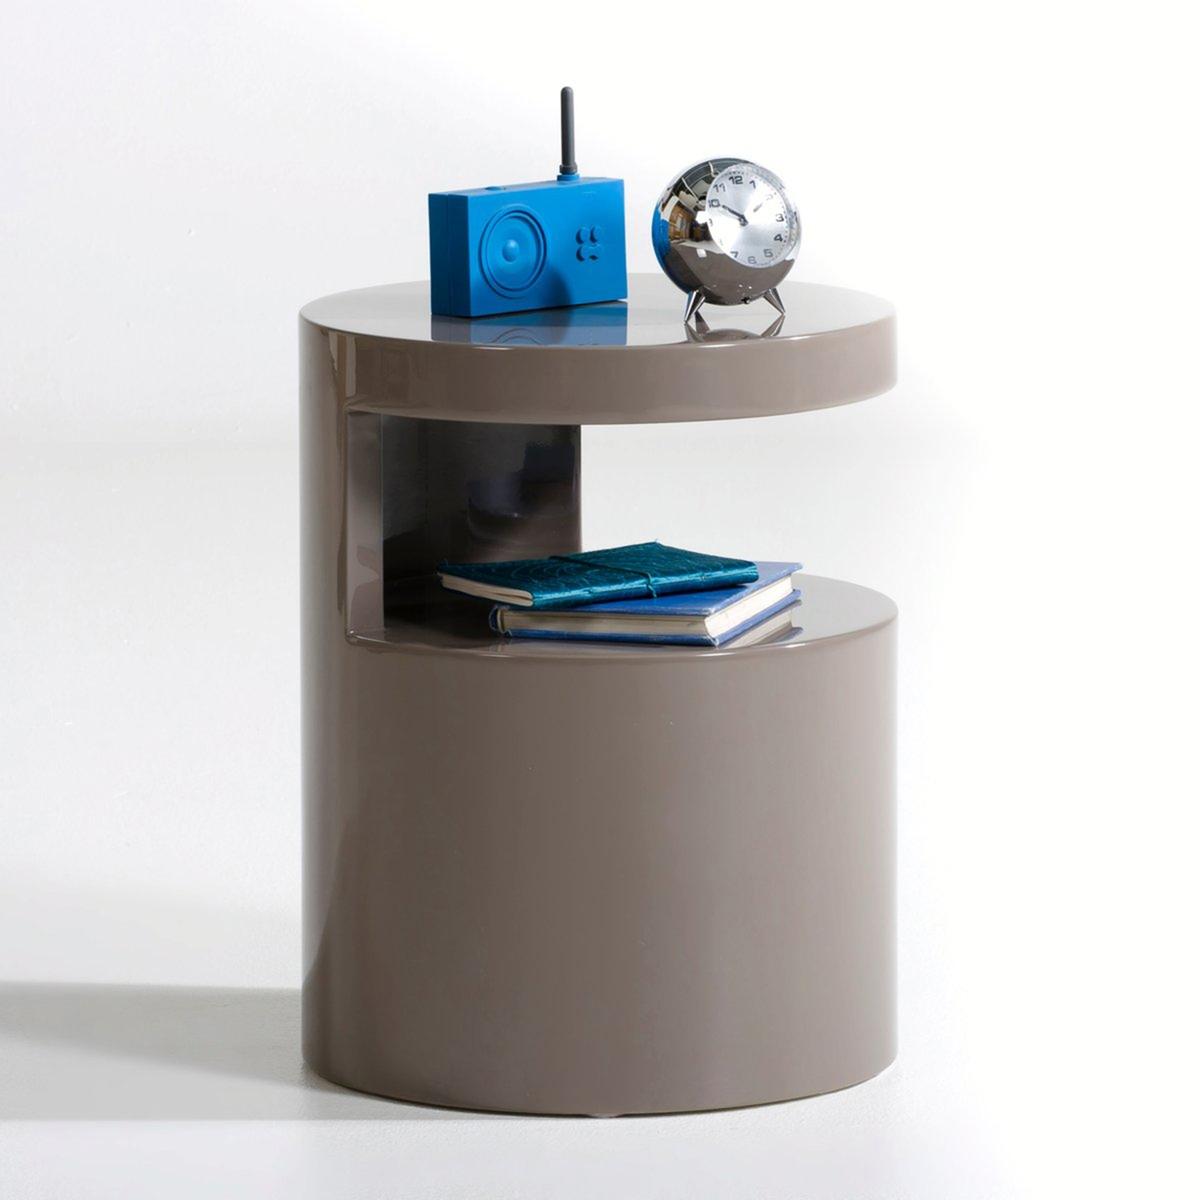 Прикроватный столик цилиндрической формы, Newark столик прикроватный в винтажном стиле jimi